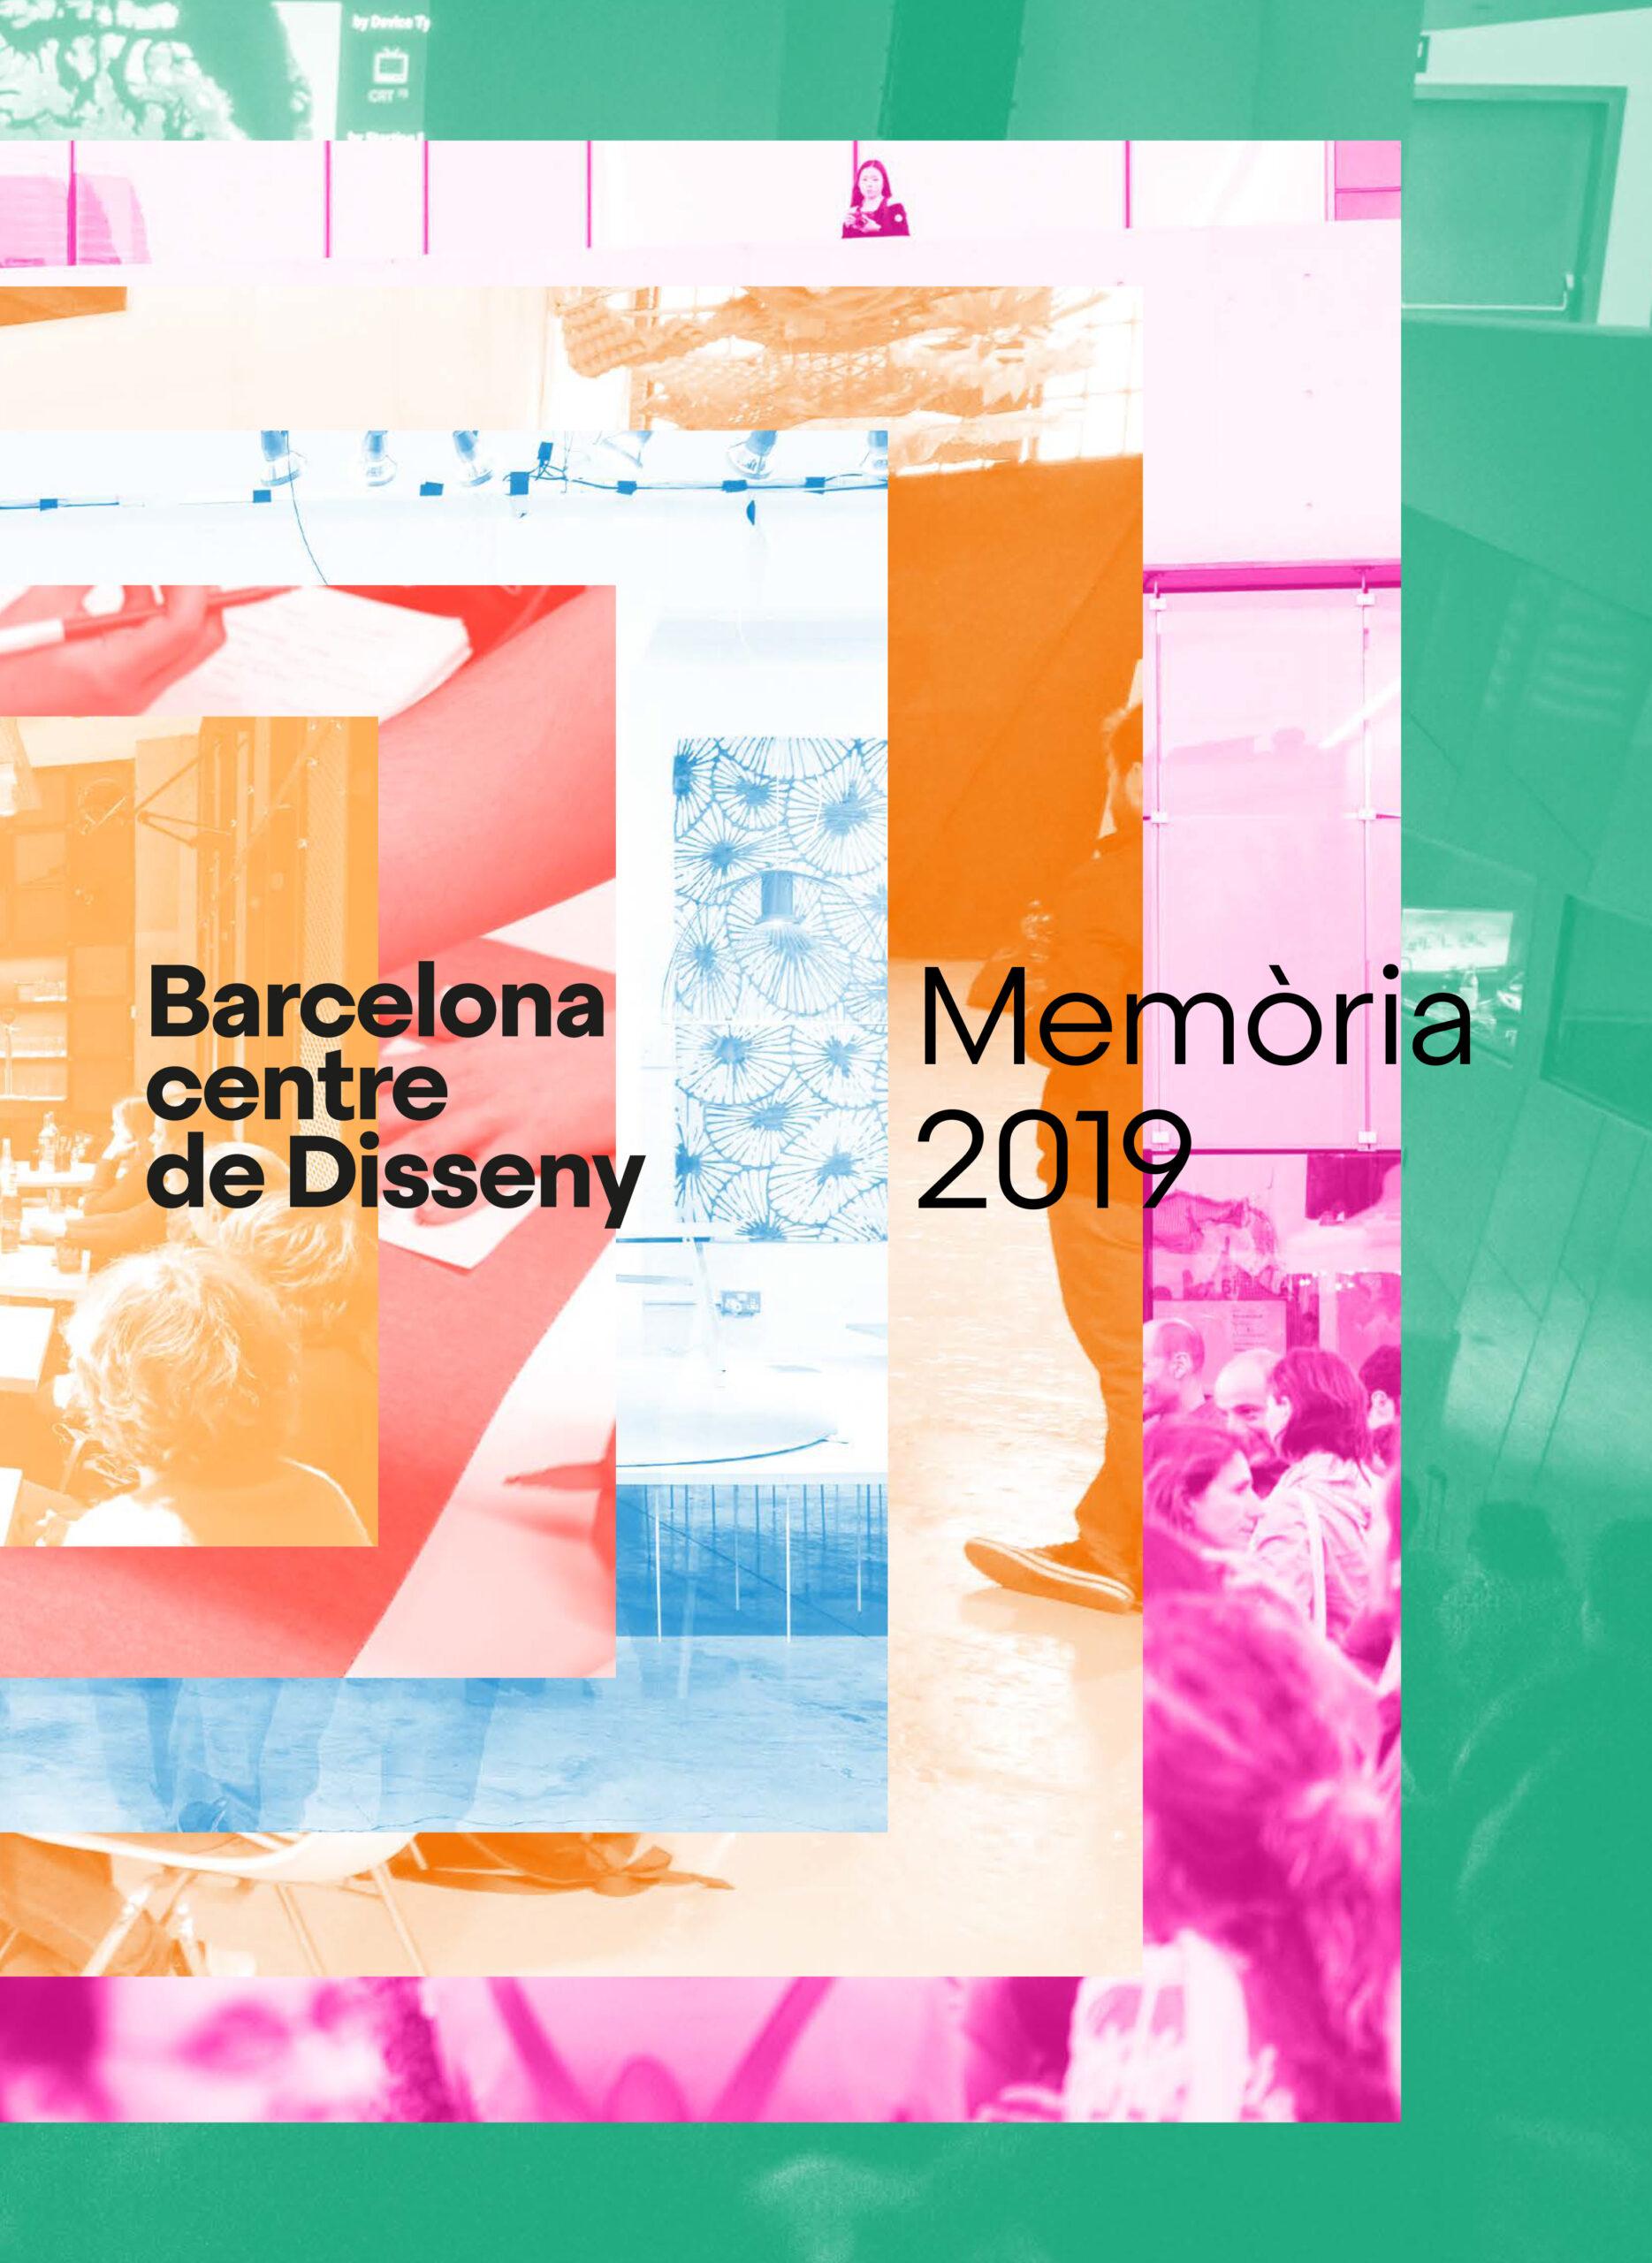 Memoria Actividad | Barcelona centro de Diseño